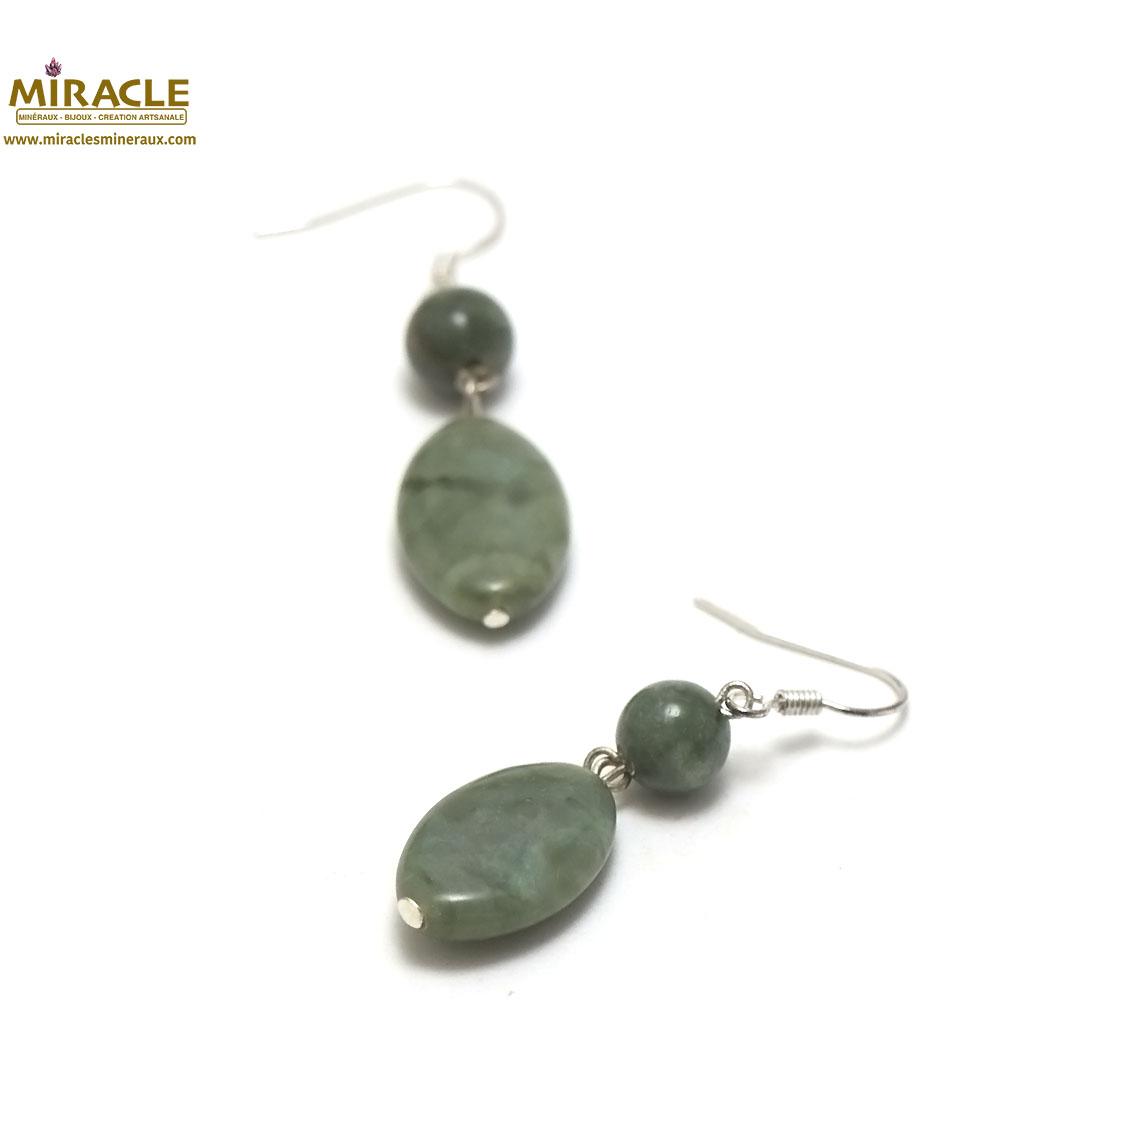 boucle d\'oreille jade néphrite de Canada, palet oval-ronde 10 mm